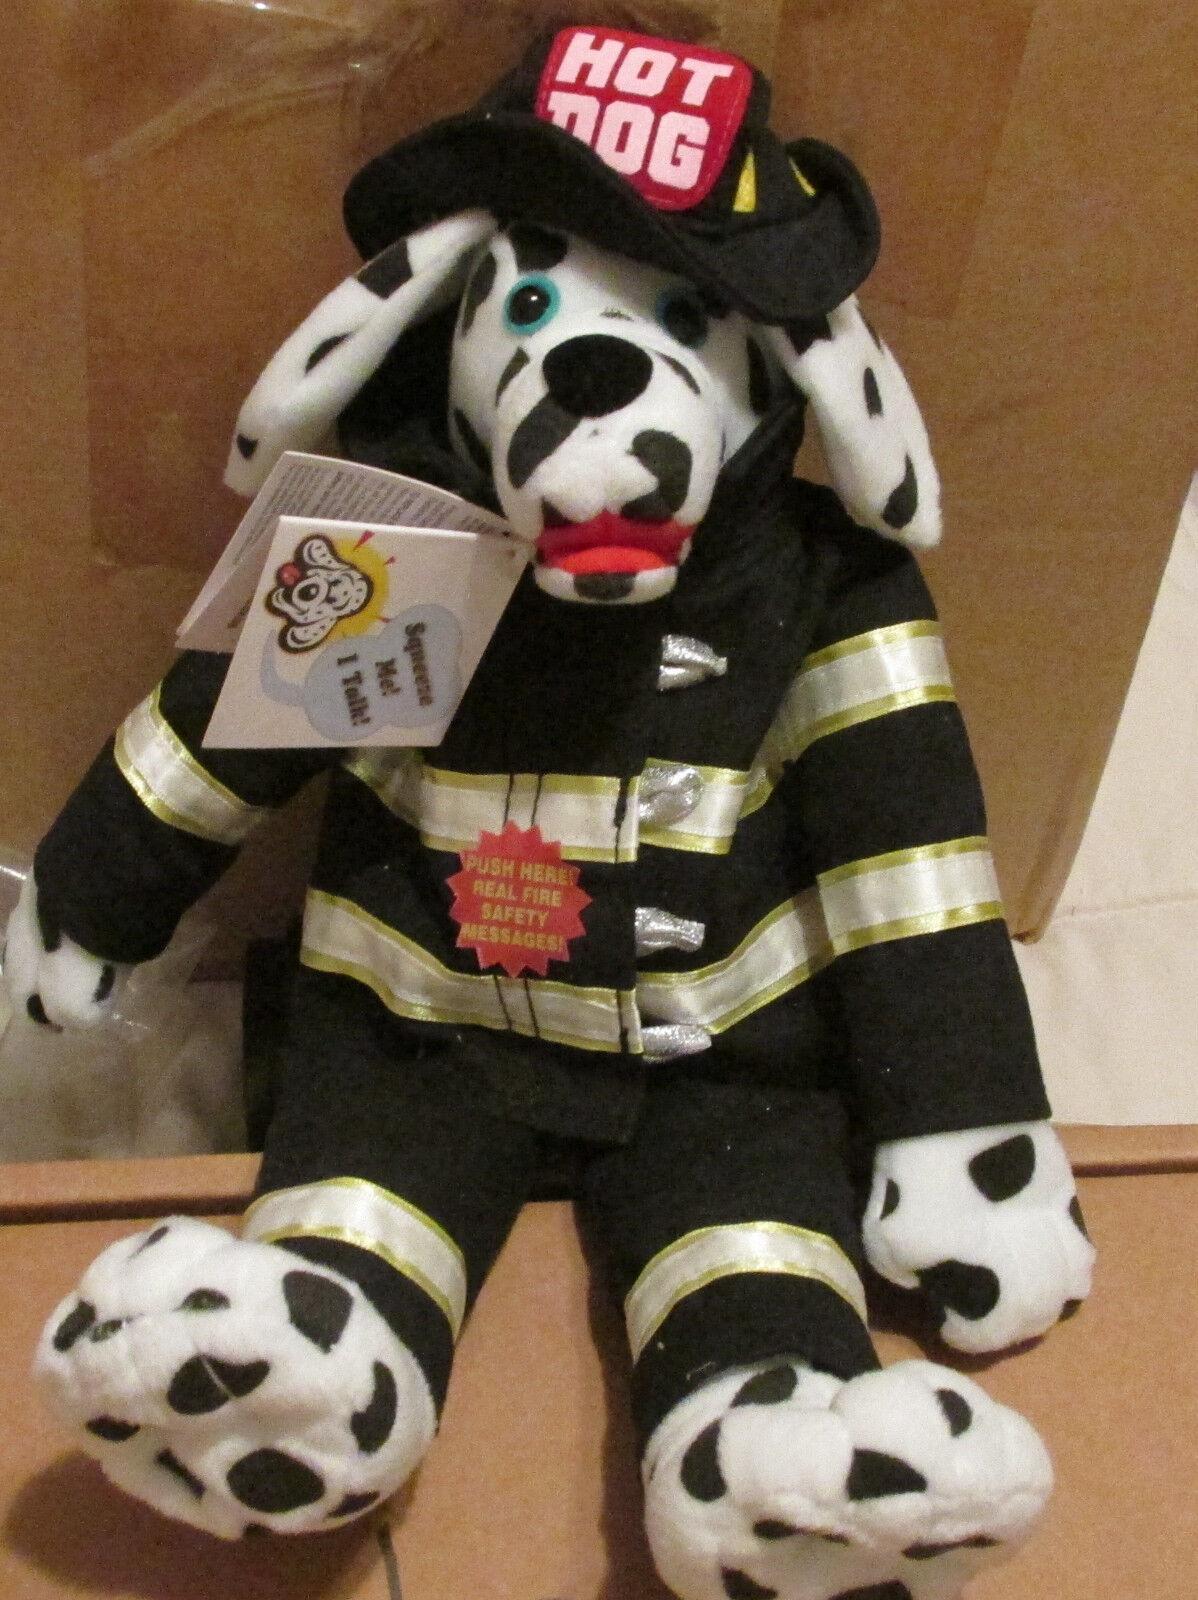 Código 3 FDNY Peluche  hot dog  bombero habla Nuevo en paquete de gastos de envío gratis